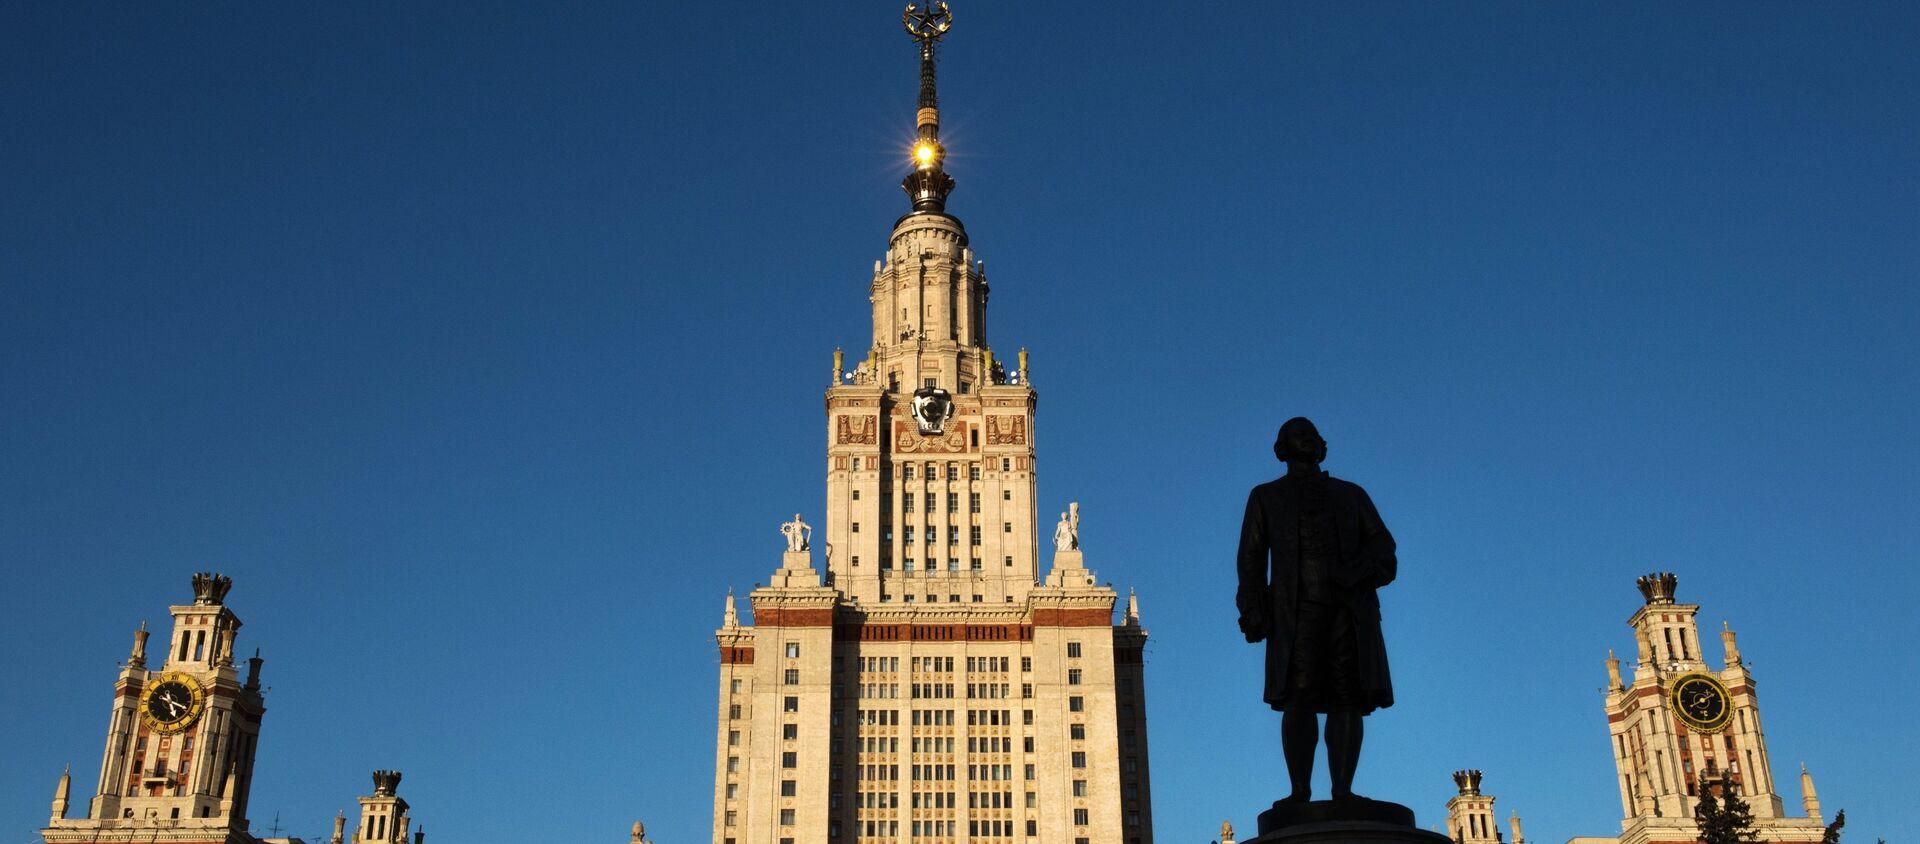 Главное здание Московского государственного университета - Sputnik Азербайджан, 1920, 27.07.2020